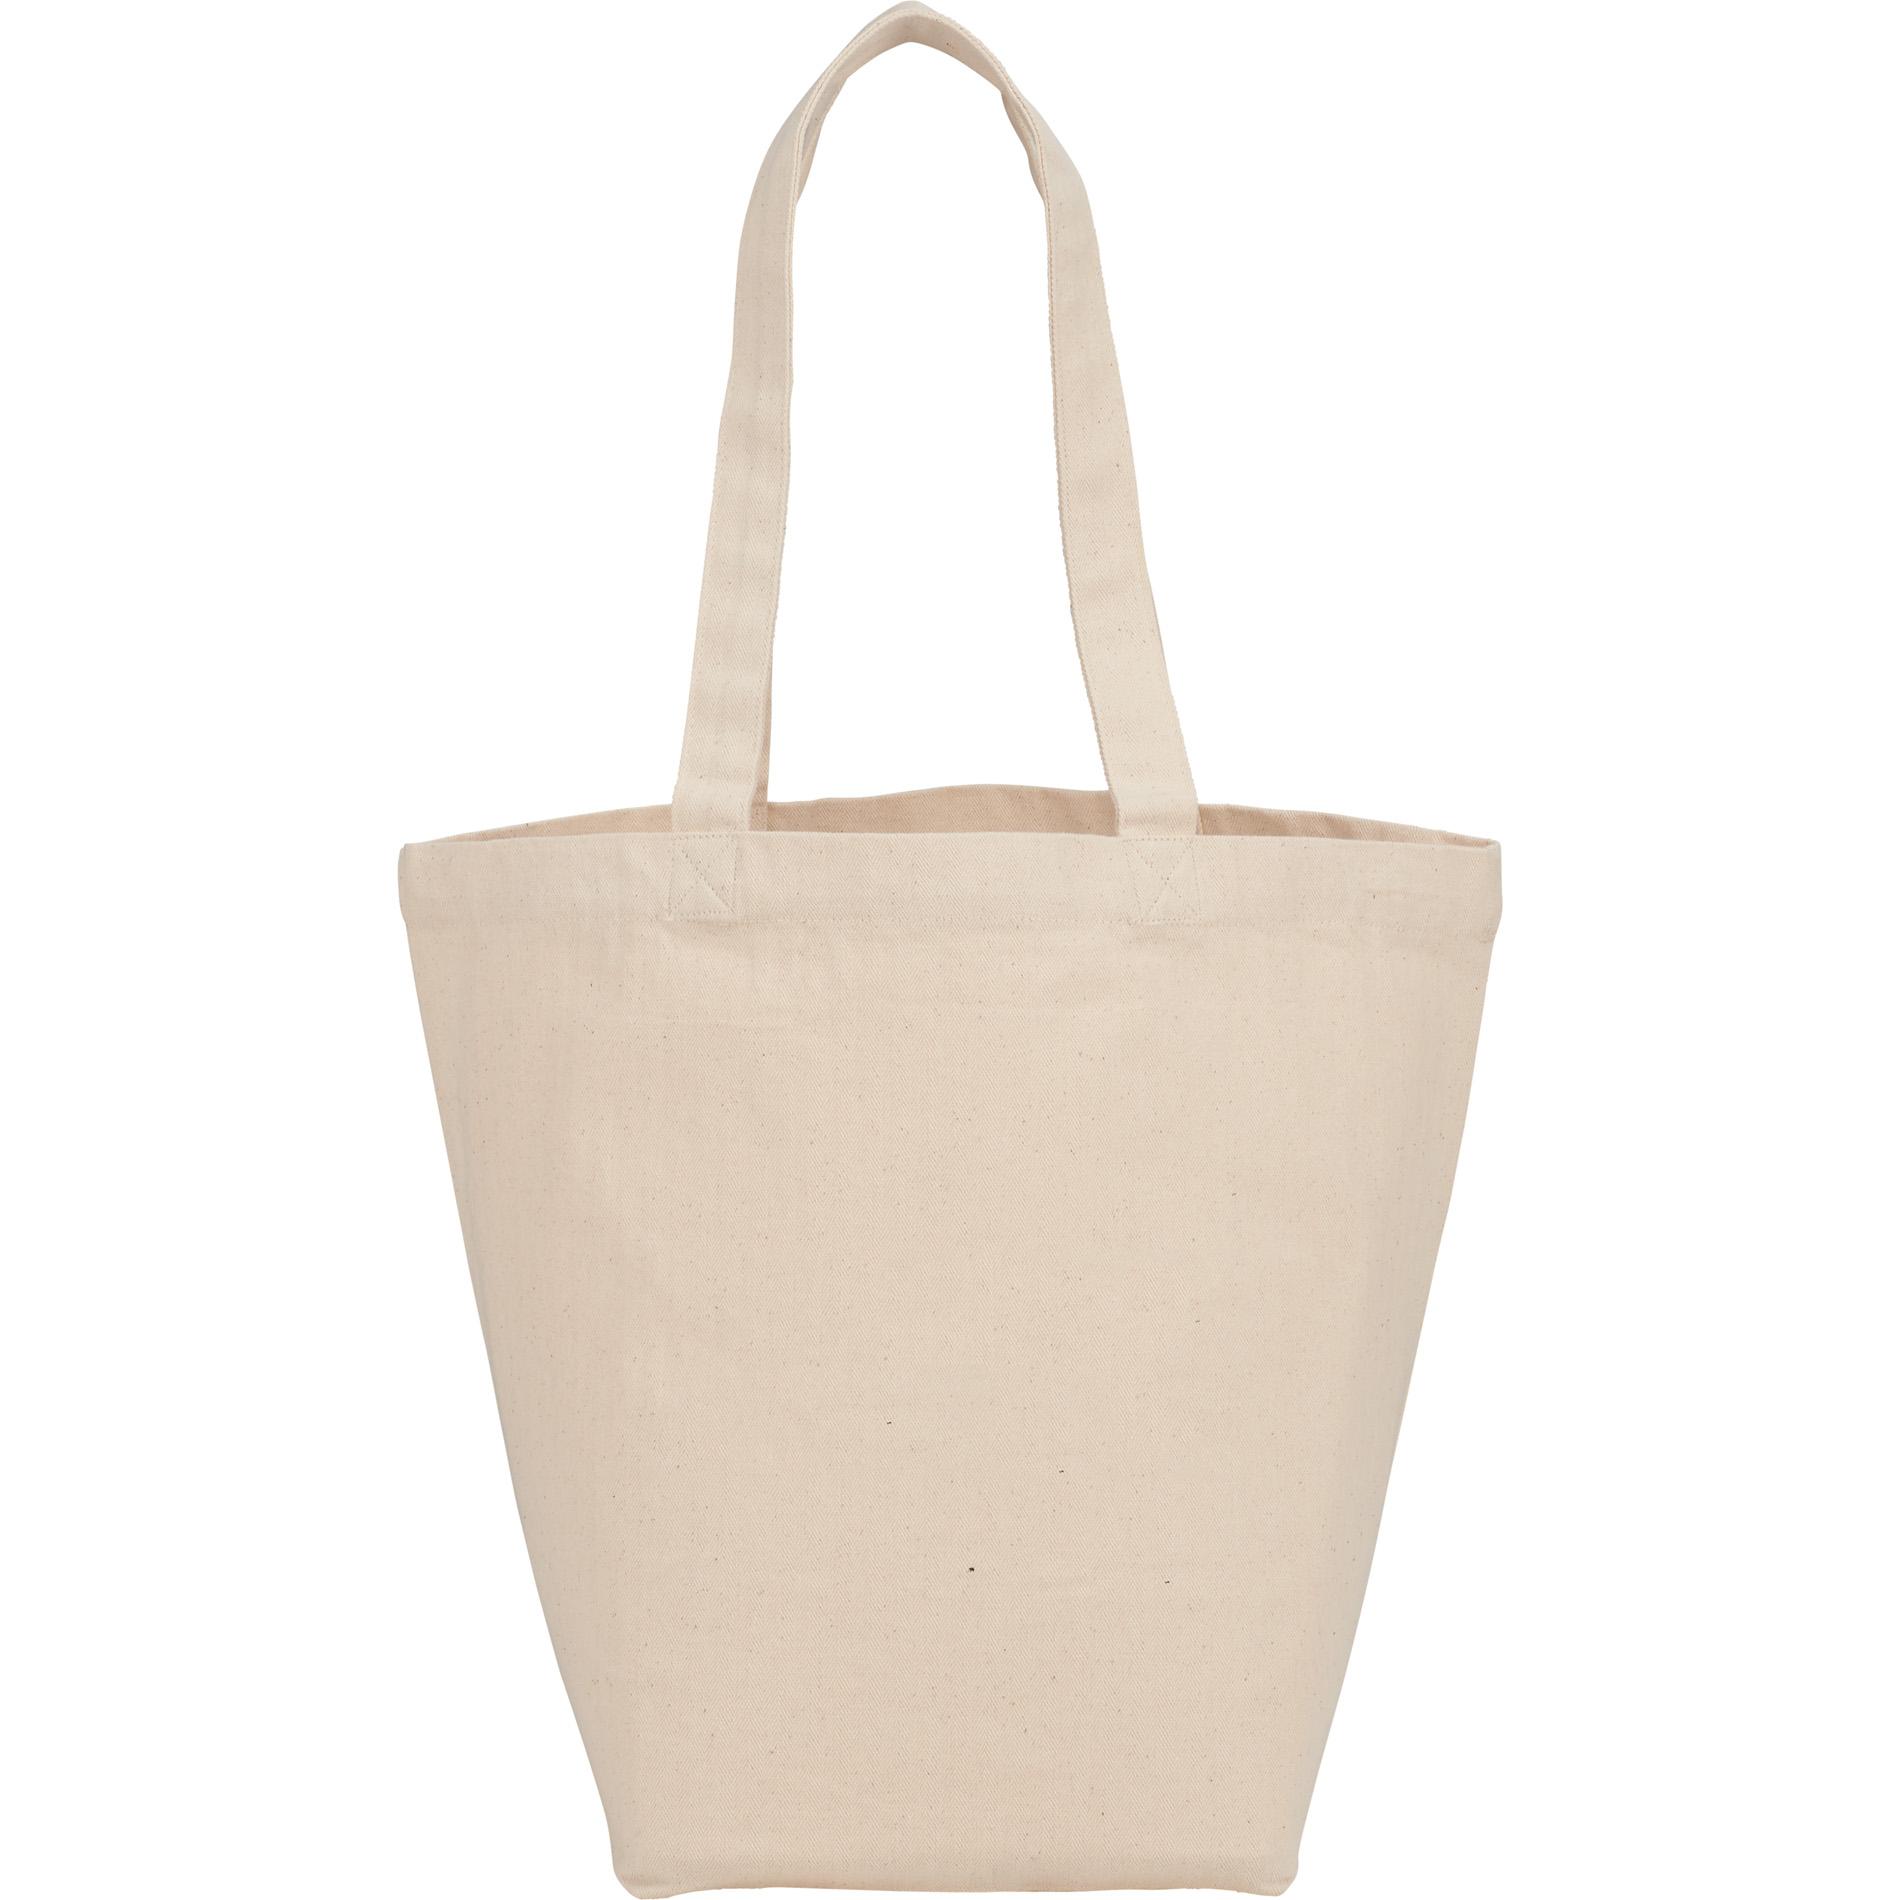 LEEDS 7900-10 - Herringbone 7oz Cotton Canvas Grocery ...